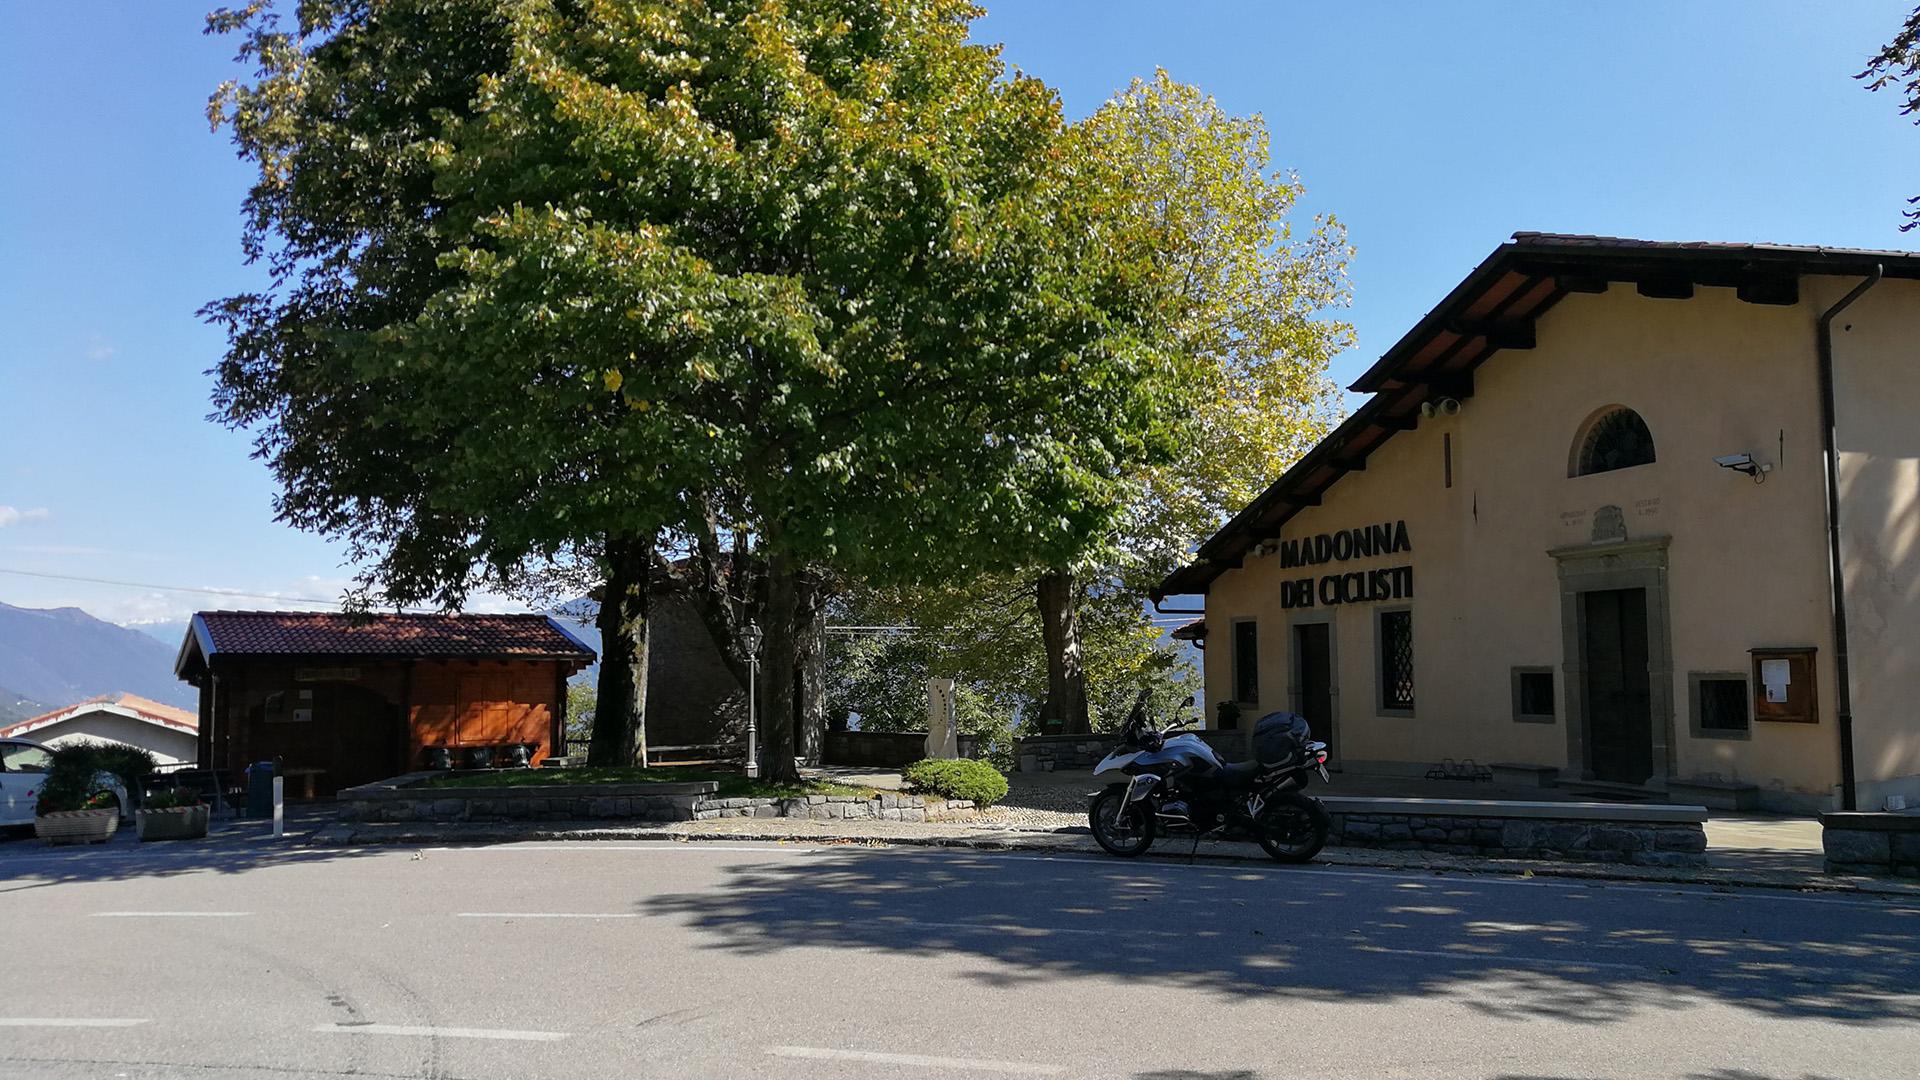 0761 - I - Passo del Colle Gallo